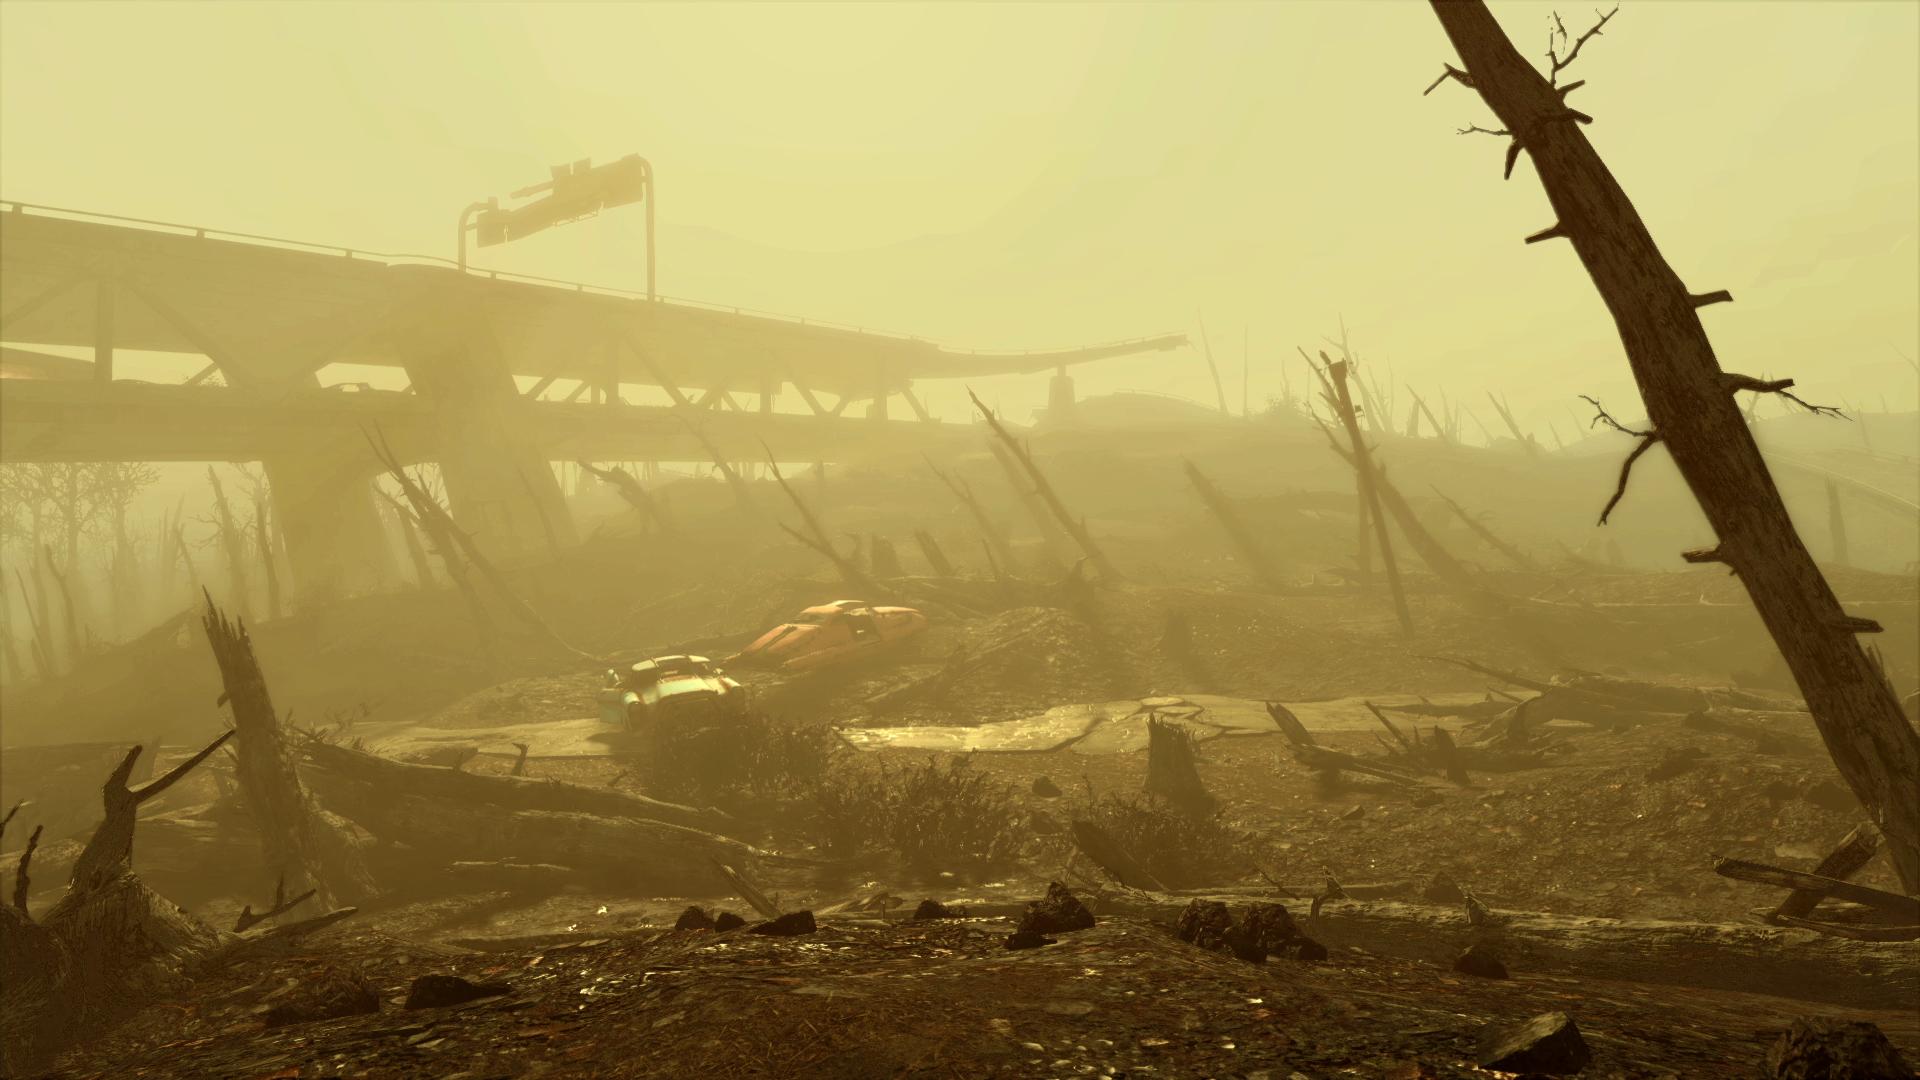 Fallout 4 fallout bethesda рецензия обзор отзывы мнение отвратительные мужики фолаут фоллаут фолач фолаут 4